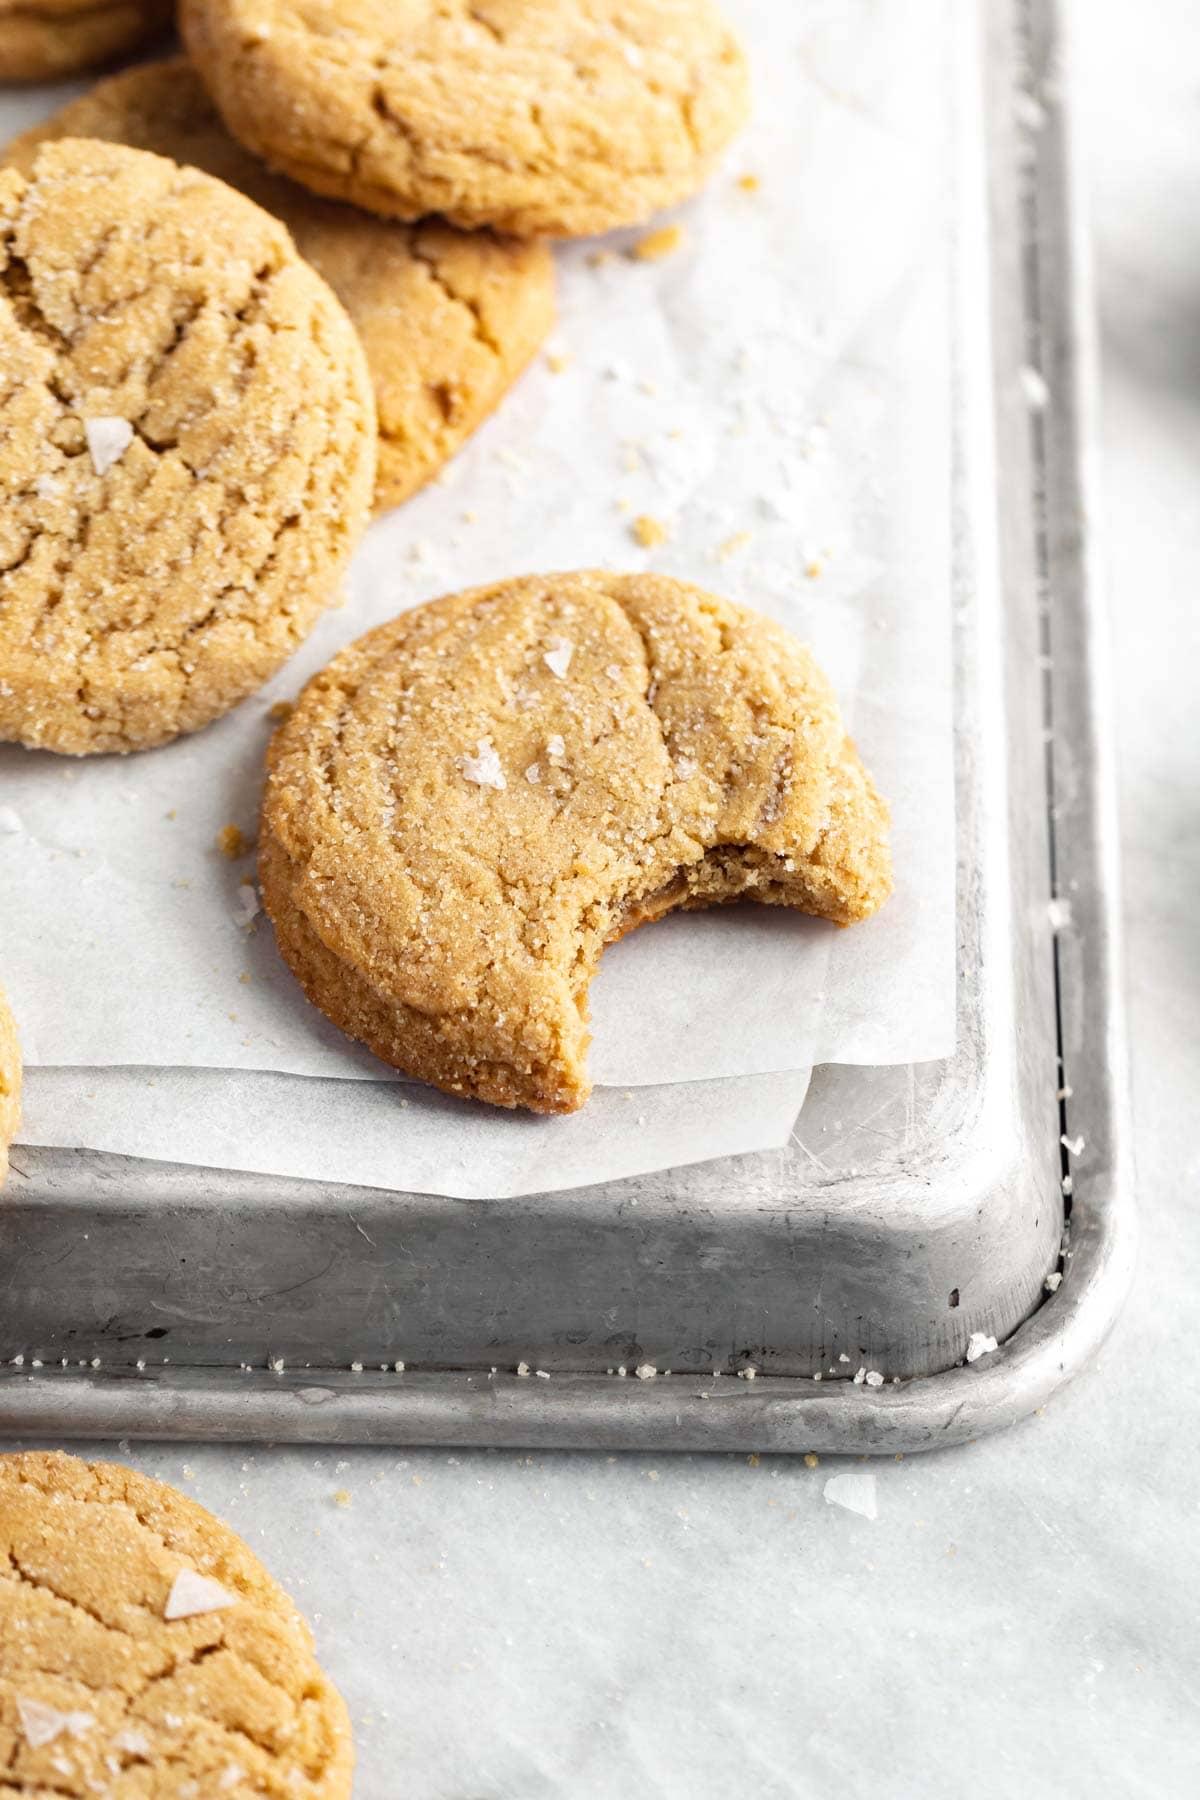 biscuit au beurre d'arachide tendre avec une bouchée